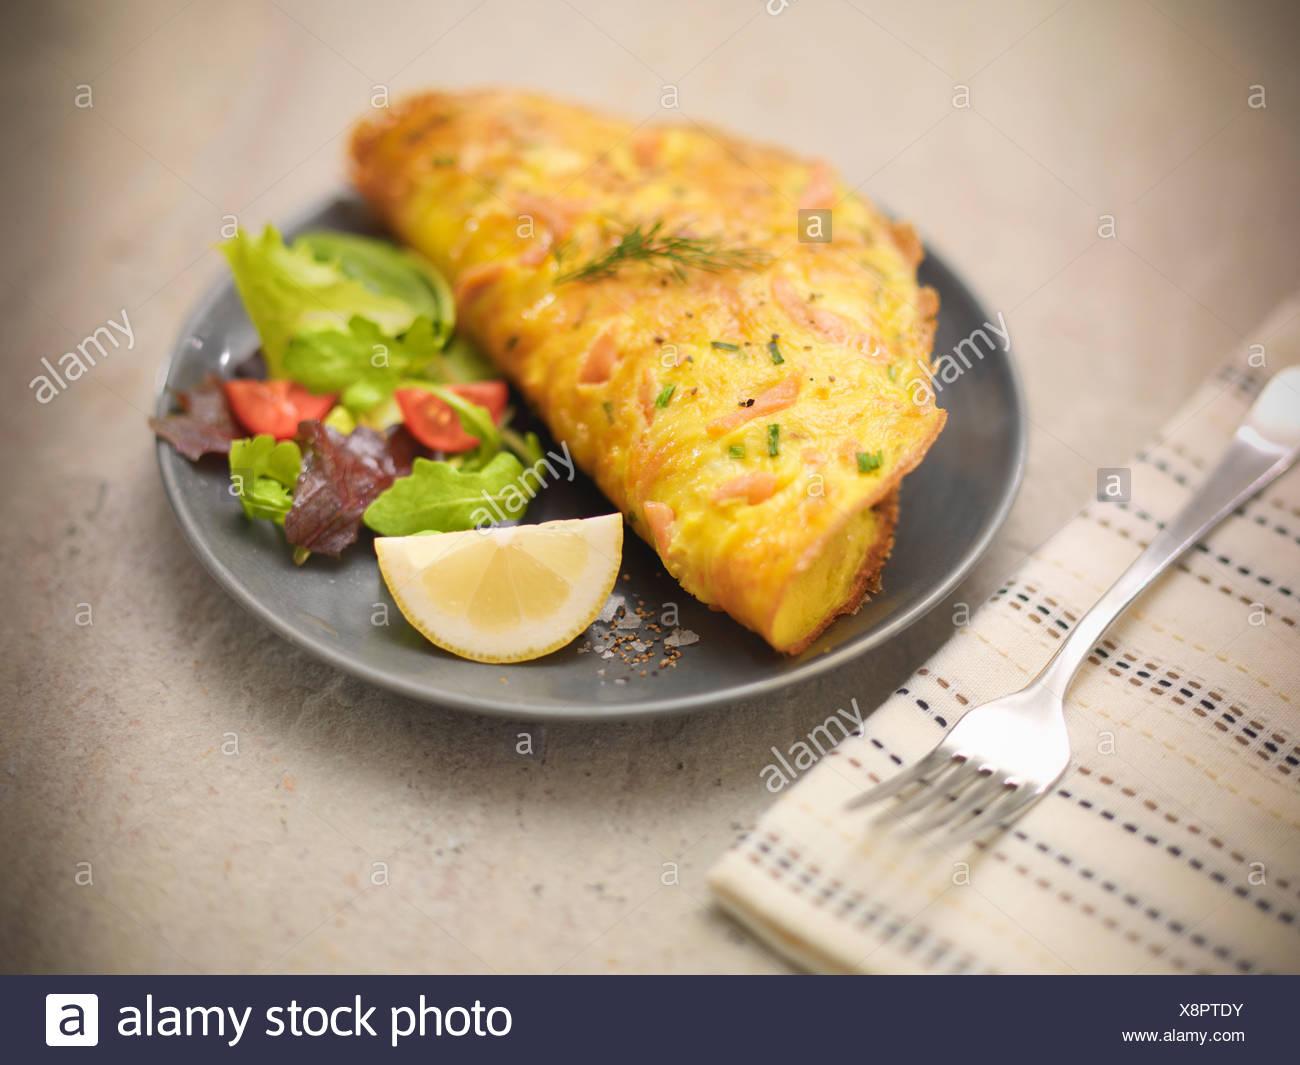 Plaque de base de l'omelette au saumon et salade Photo Stock